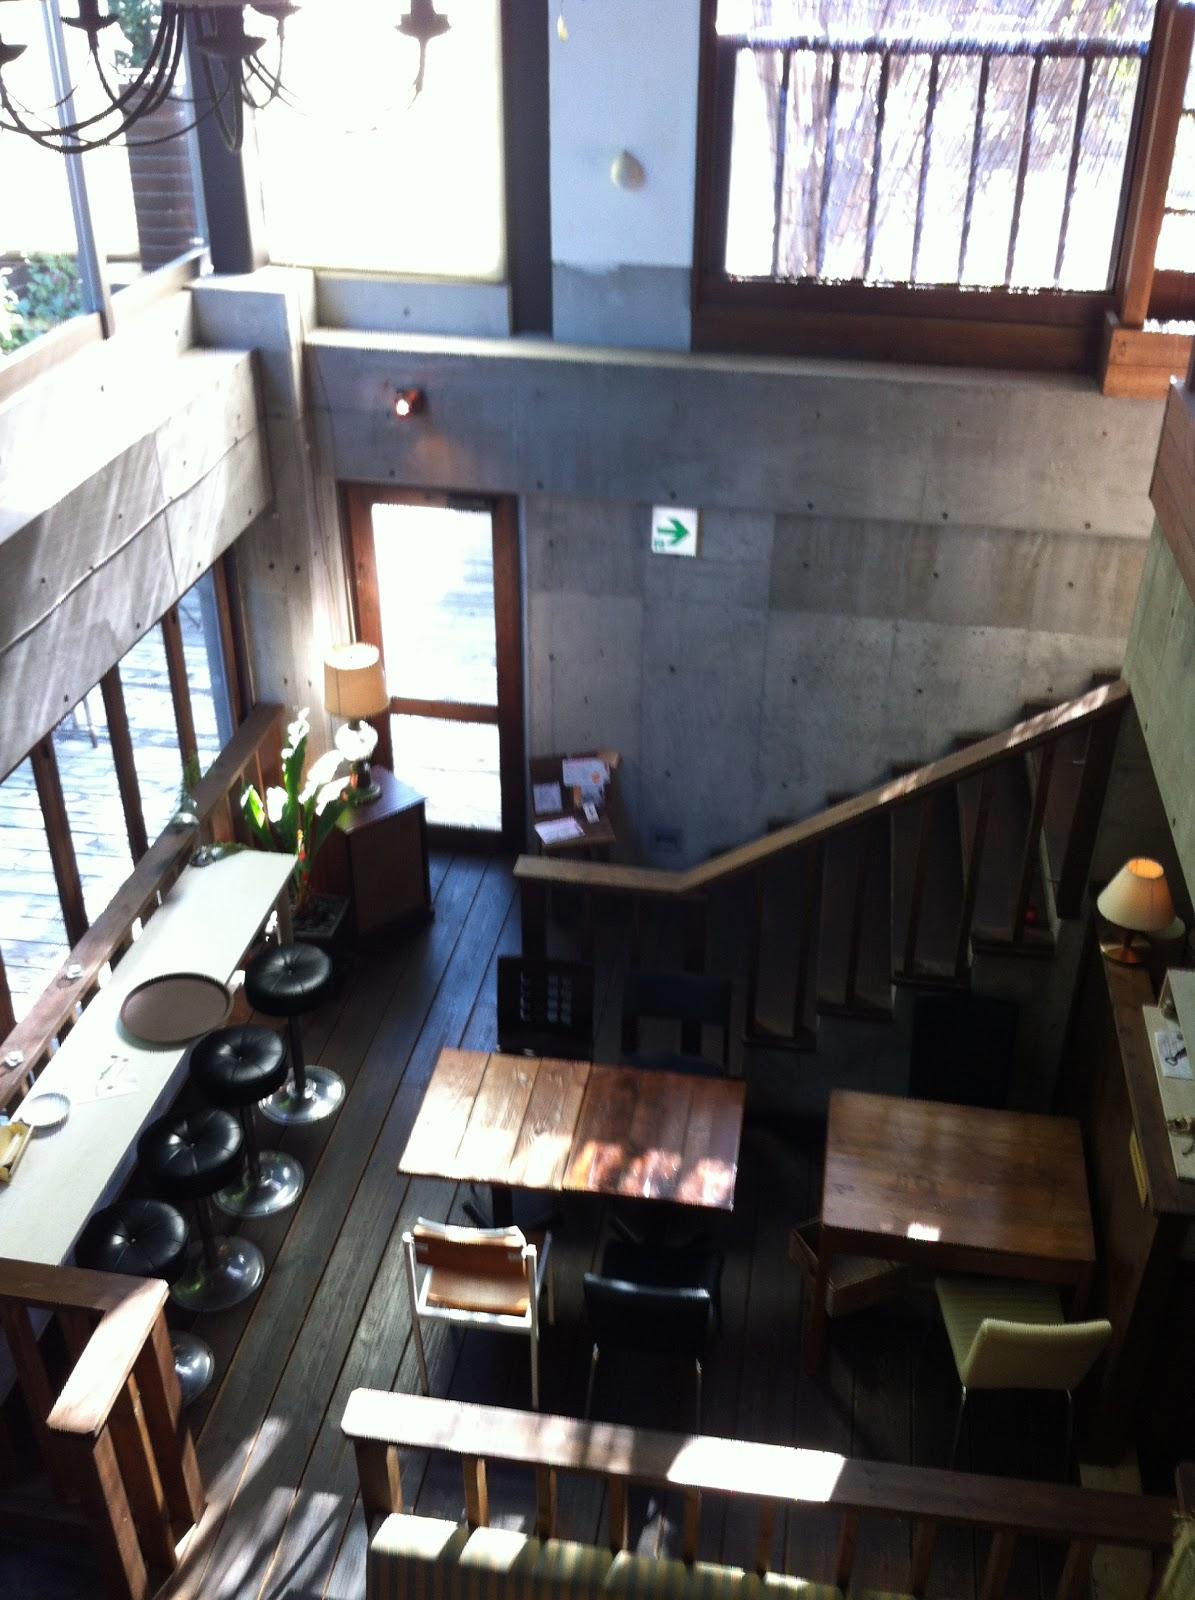 三日月プル太のひとりごと: 船橋のカフェ 「蔵6330」でまったり。